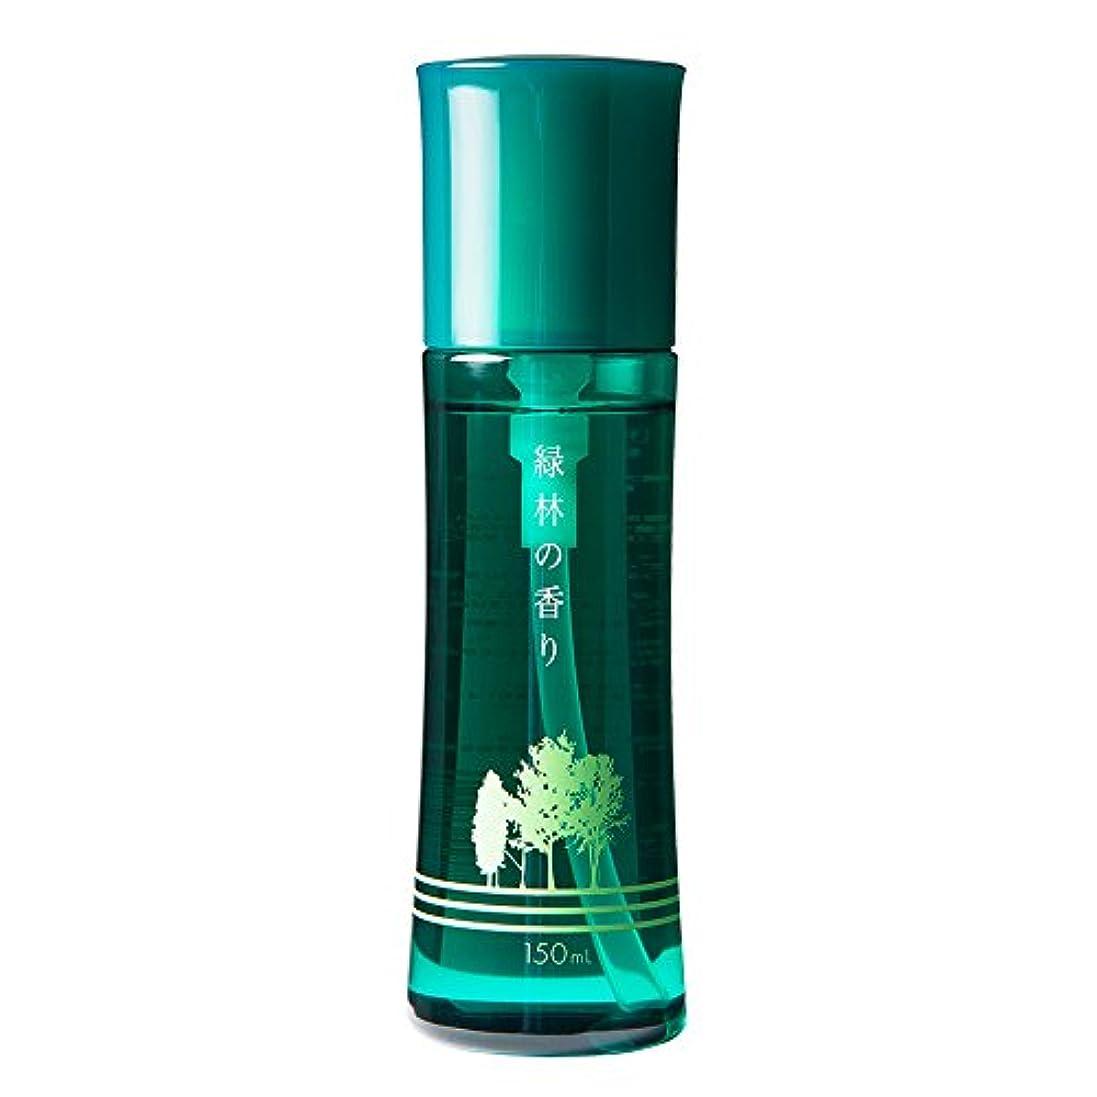 弾性交換取り消す芳香剤「緑林の香り(みどりの香り)」150mL 日本予防医薬